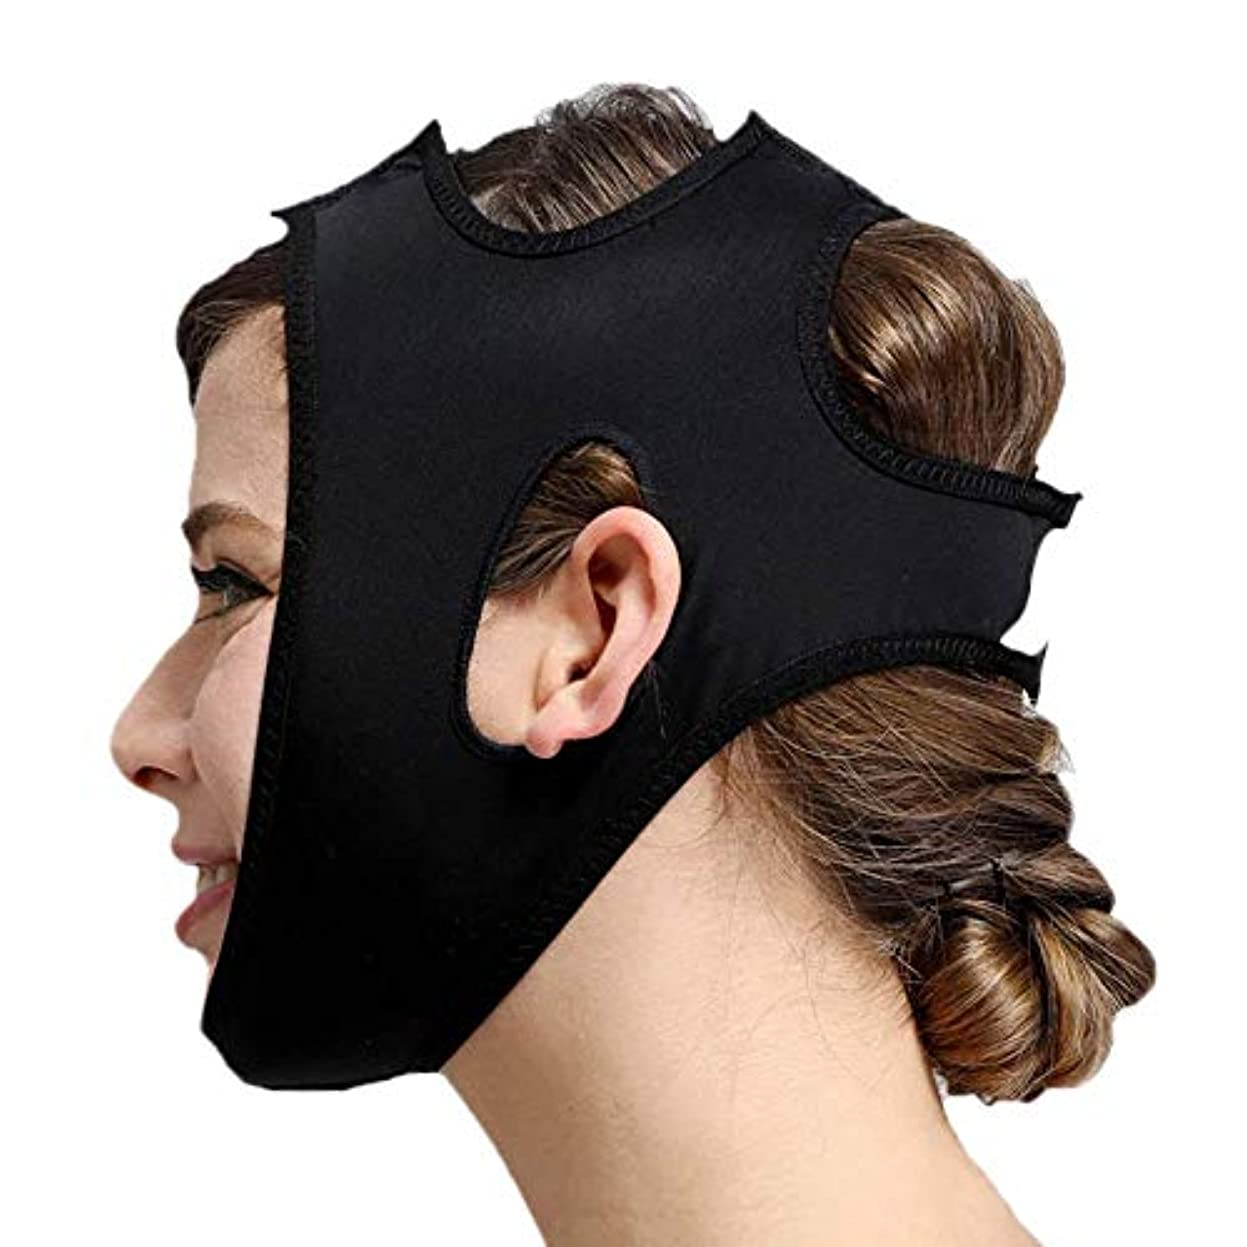 フェイススリミングマスク、快適さと通気性、フェイシャルリフティング、輪郭の改善された硬さ、ファーミングとリフティングフェイス(カラー:ブラック、サイズ:XL),黒、M